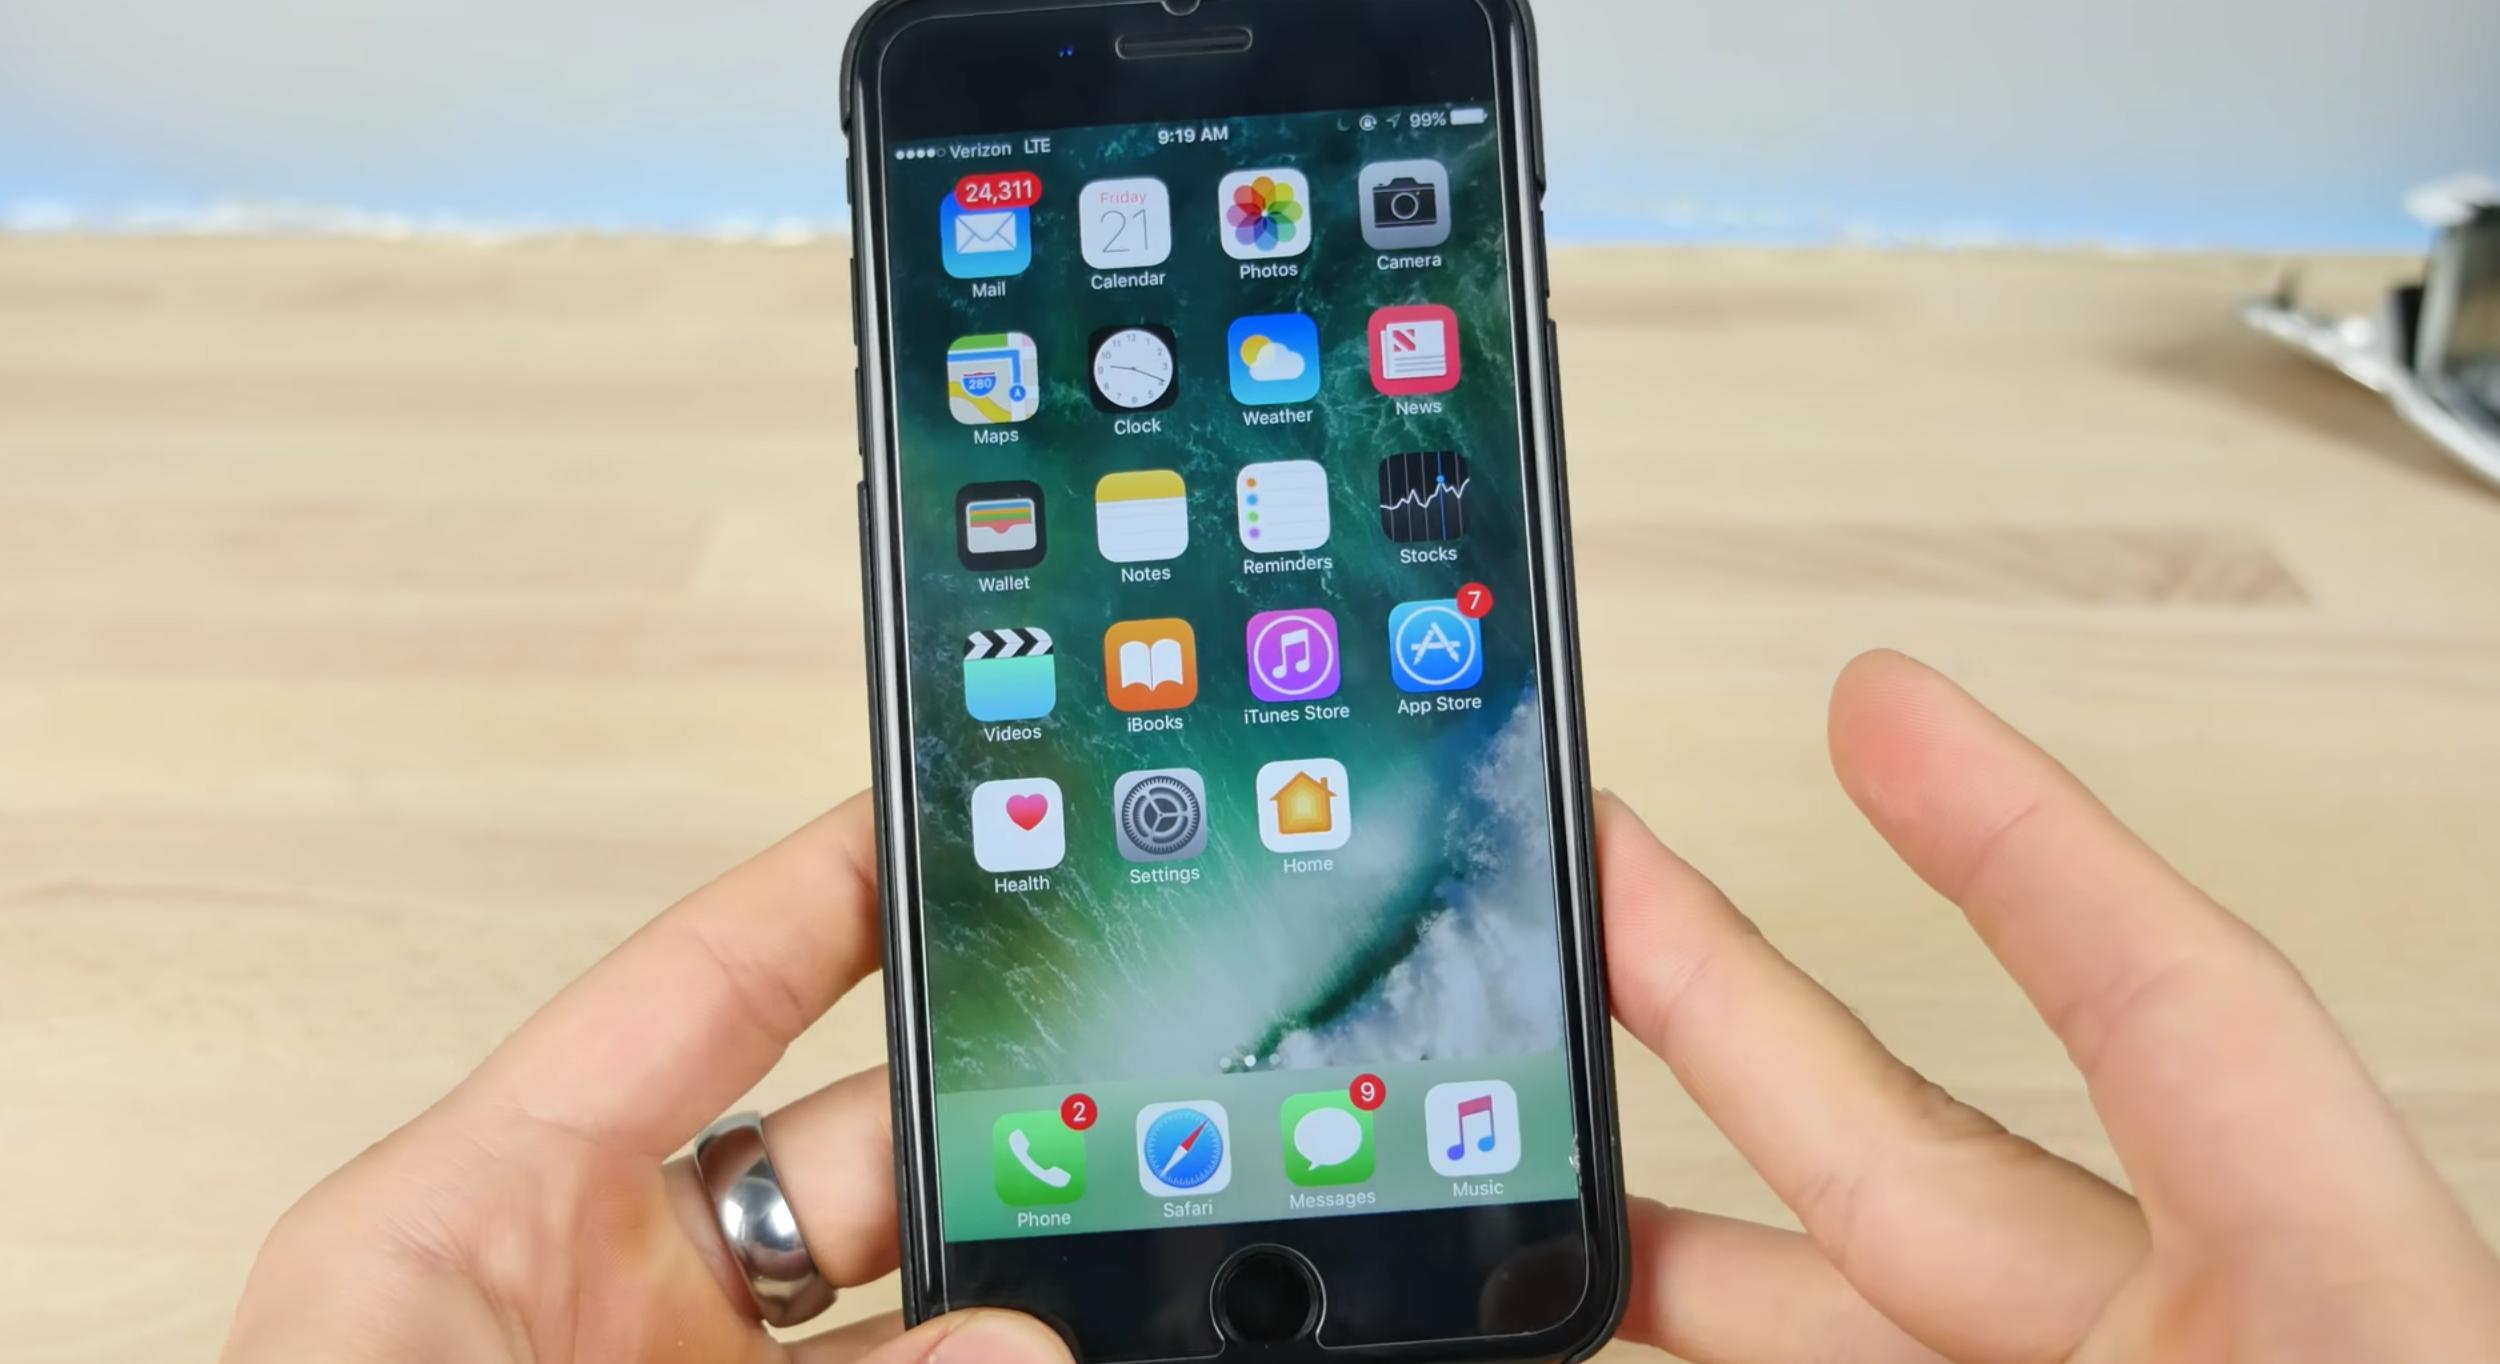 faille iOS 10 iOS 10 : accéder aux contacts et photos sans Touch ID ou mot de passe